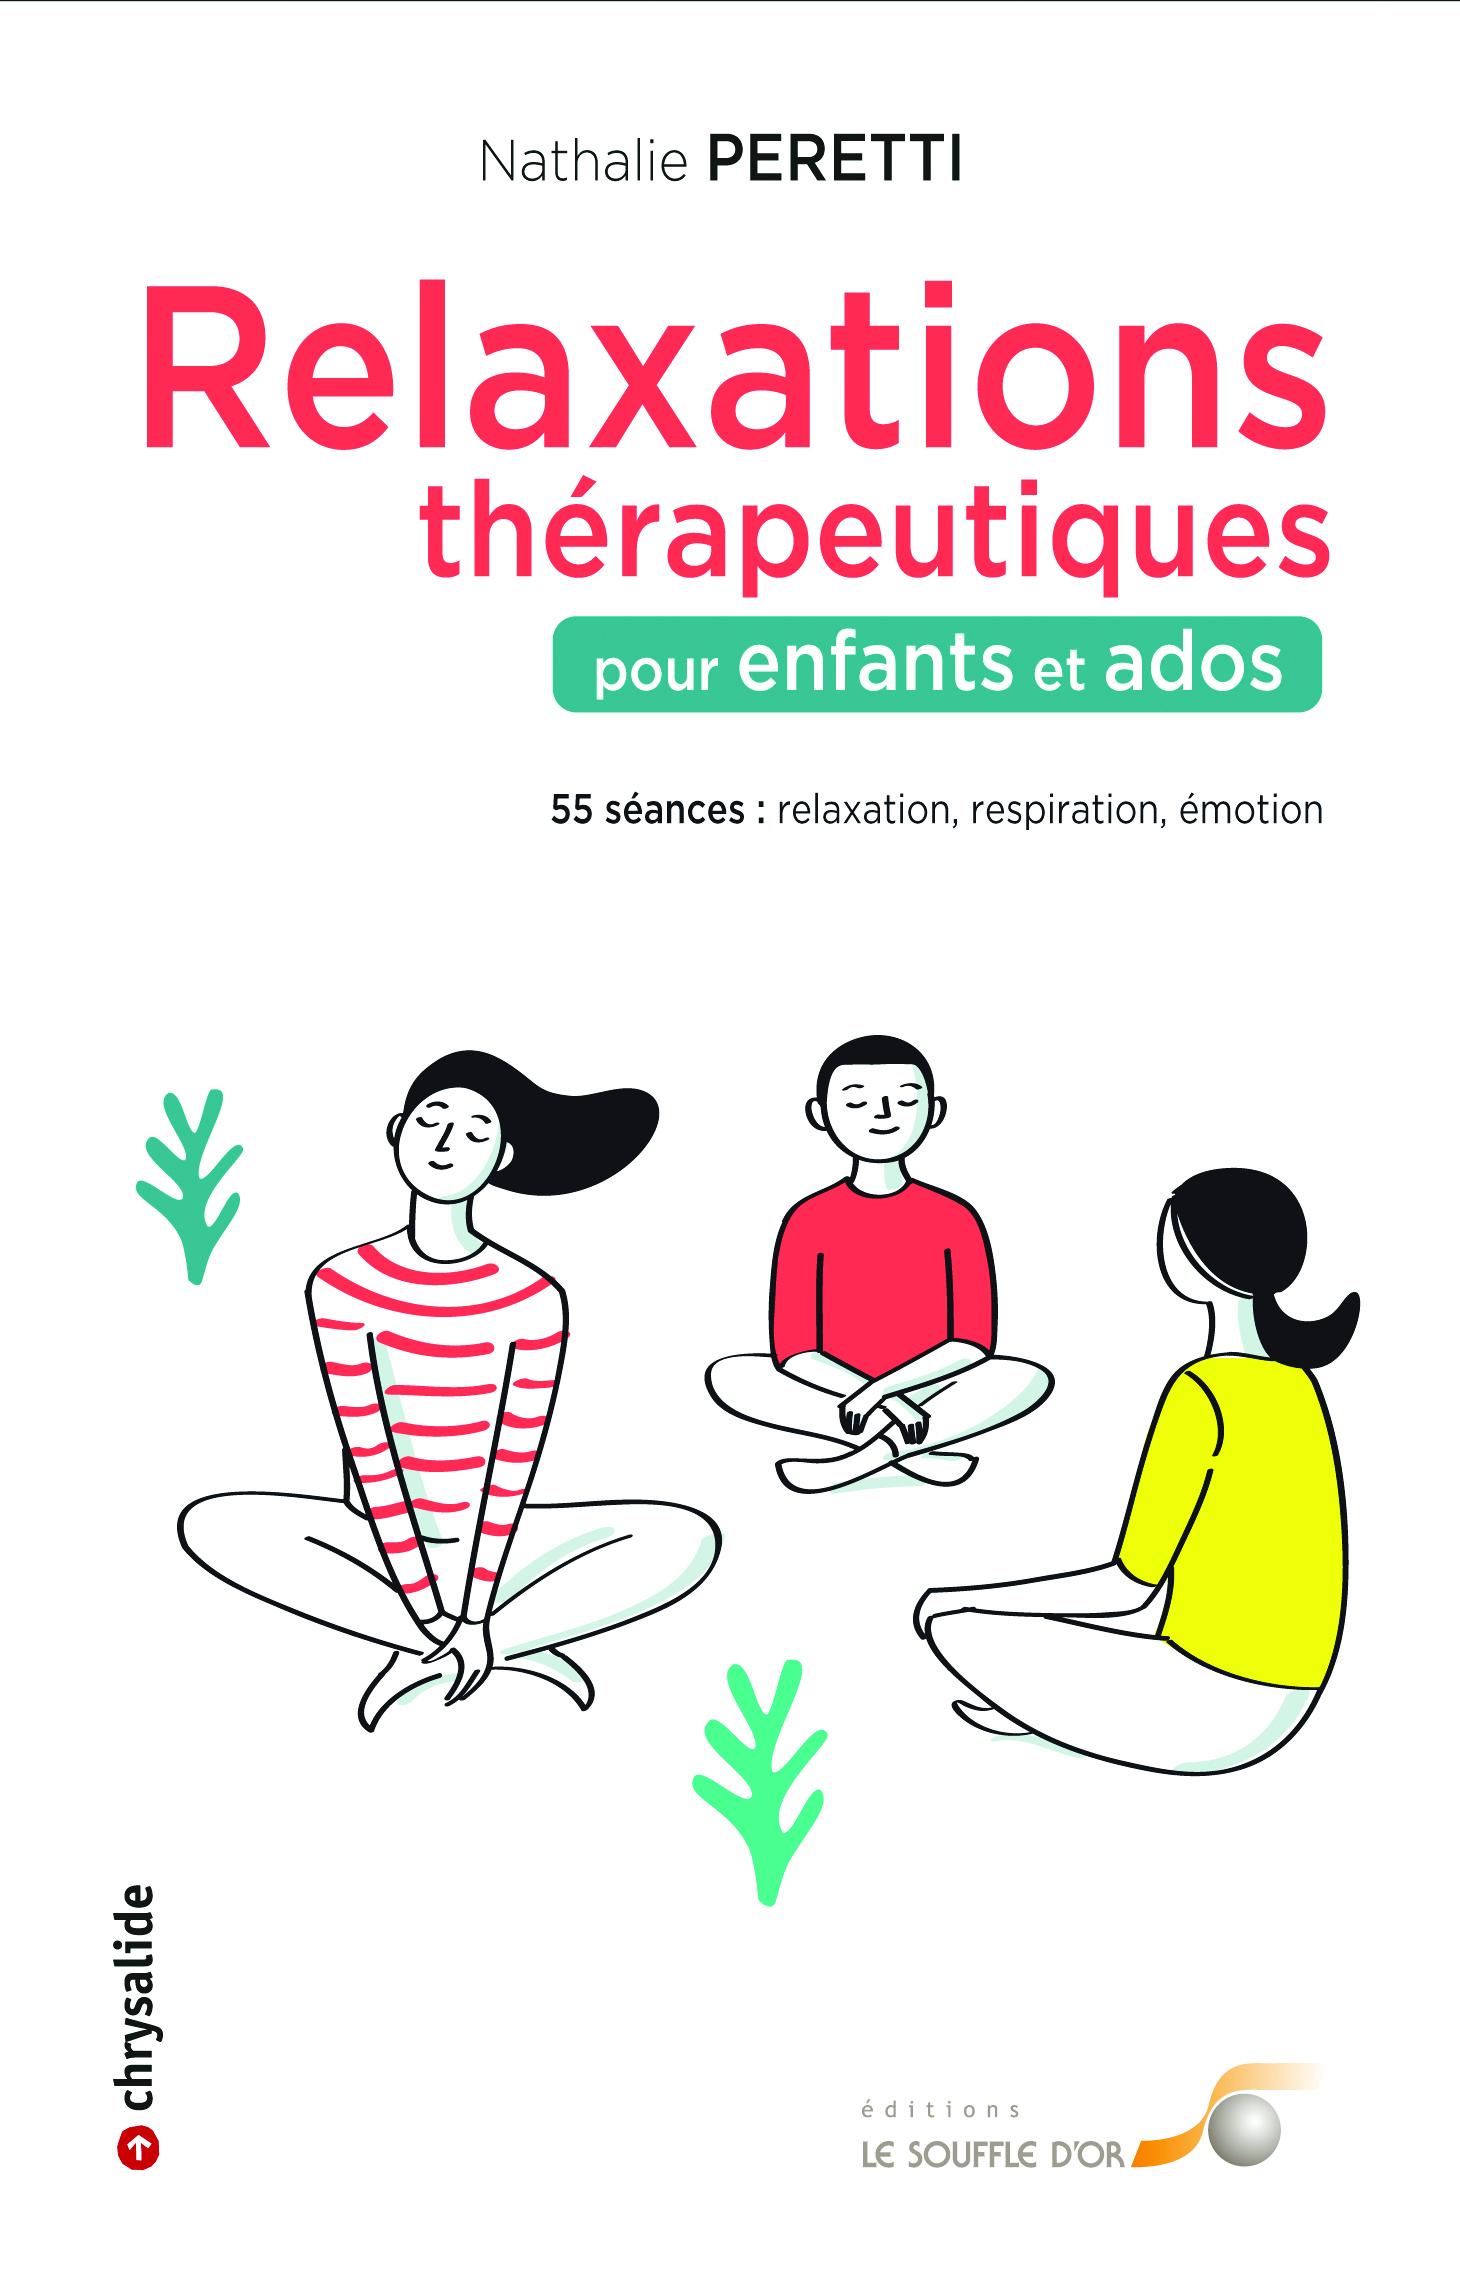 RELAXATIONS THERAPEUTIQUES POUR ENFANTS ET ADOS